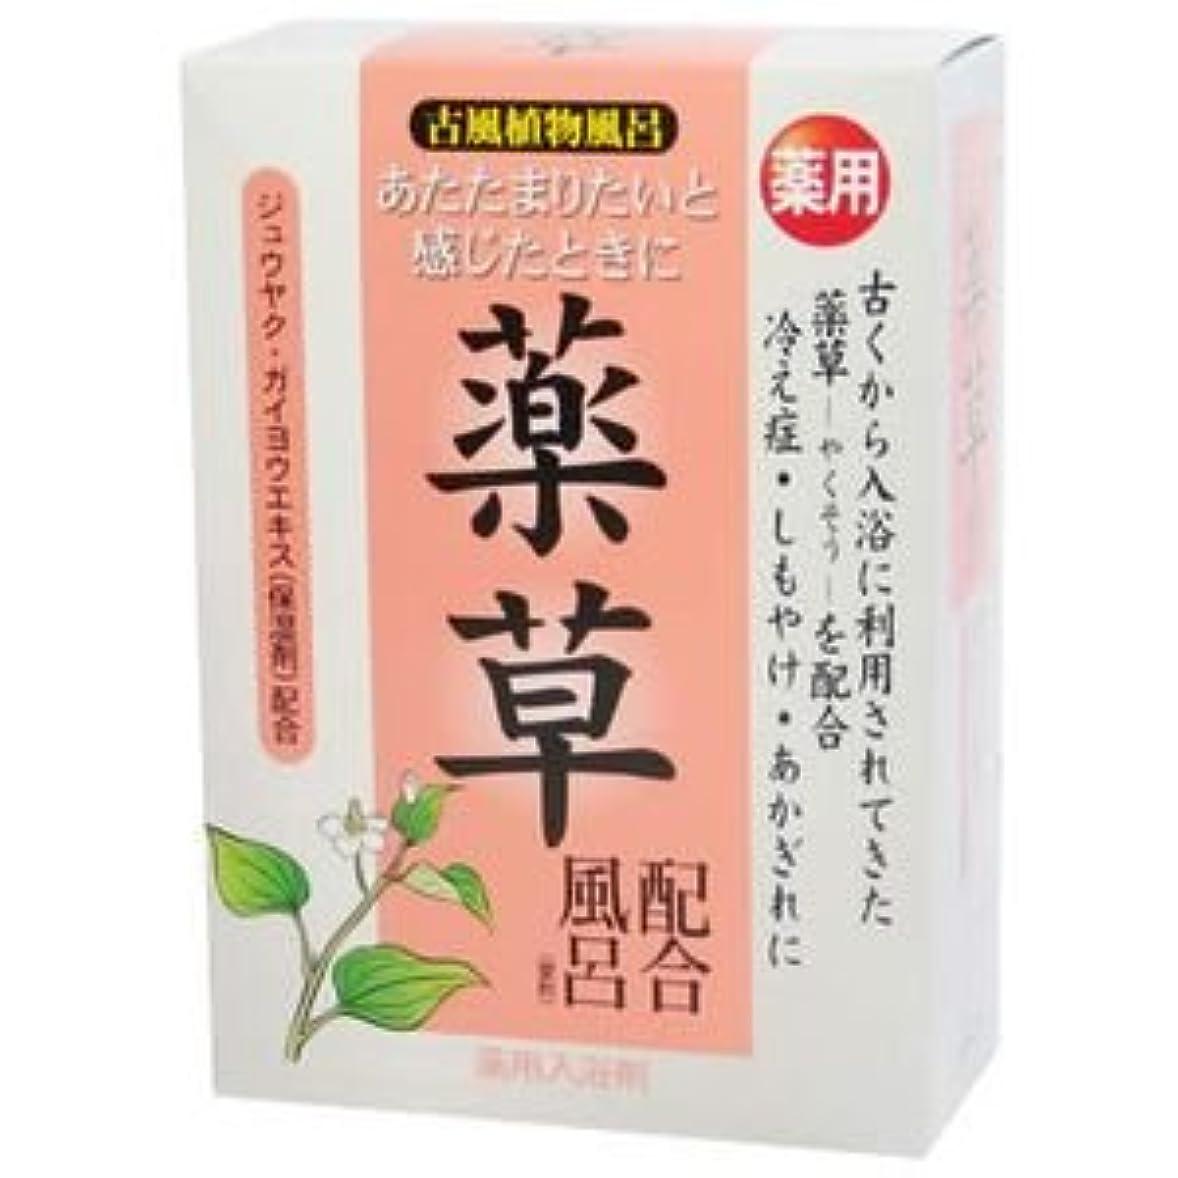 書き出す委託適応する古風植物風呂 薬草配合風呂 25g*5包